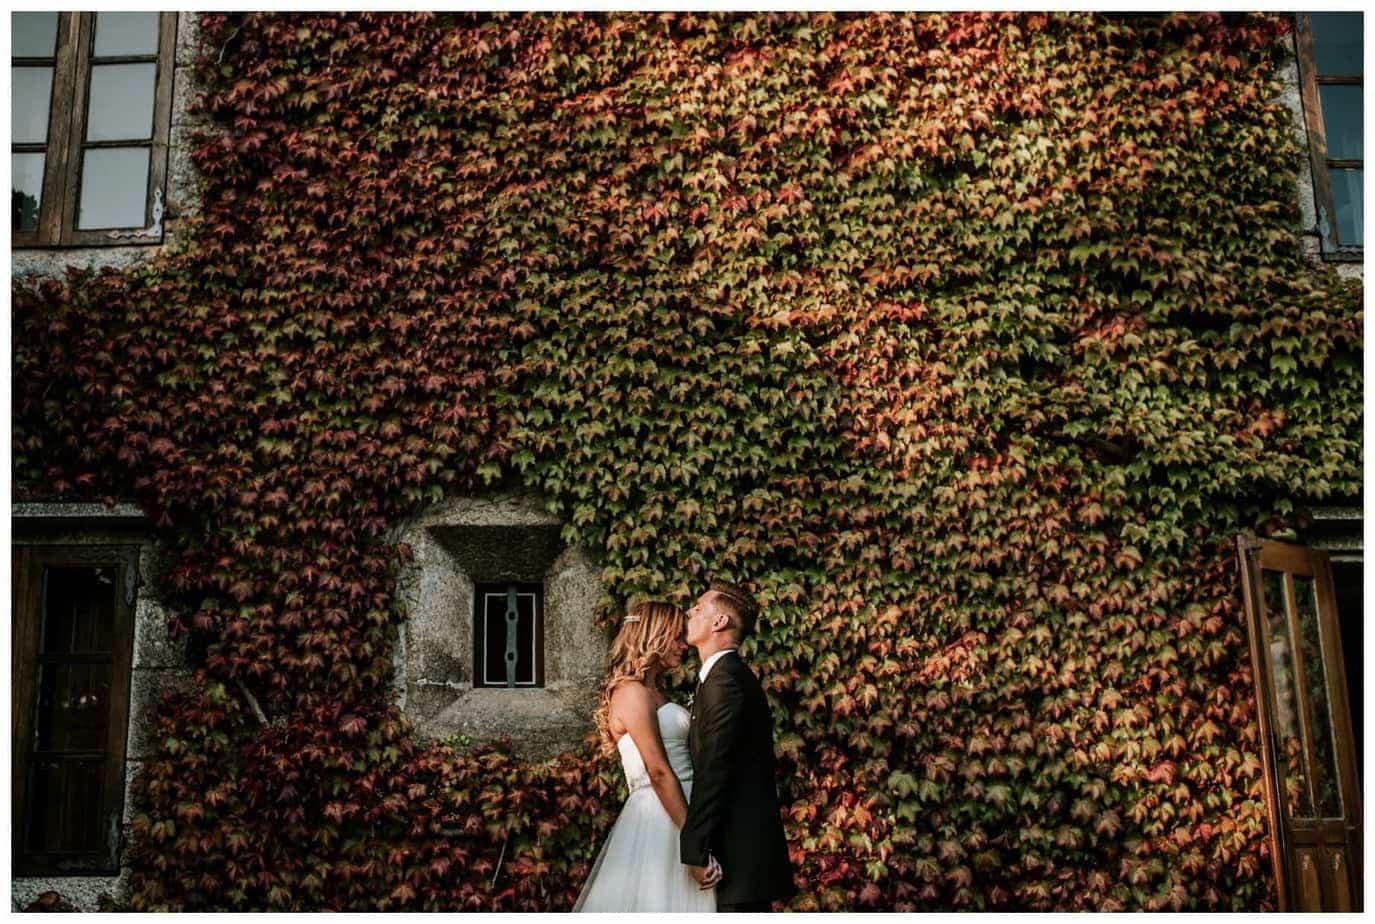 Una boda diferente en Pazo da Touza con Noe y Rubén · Msanz Photographer